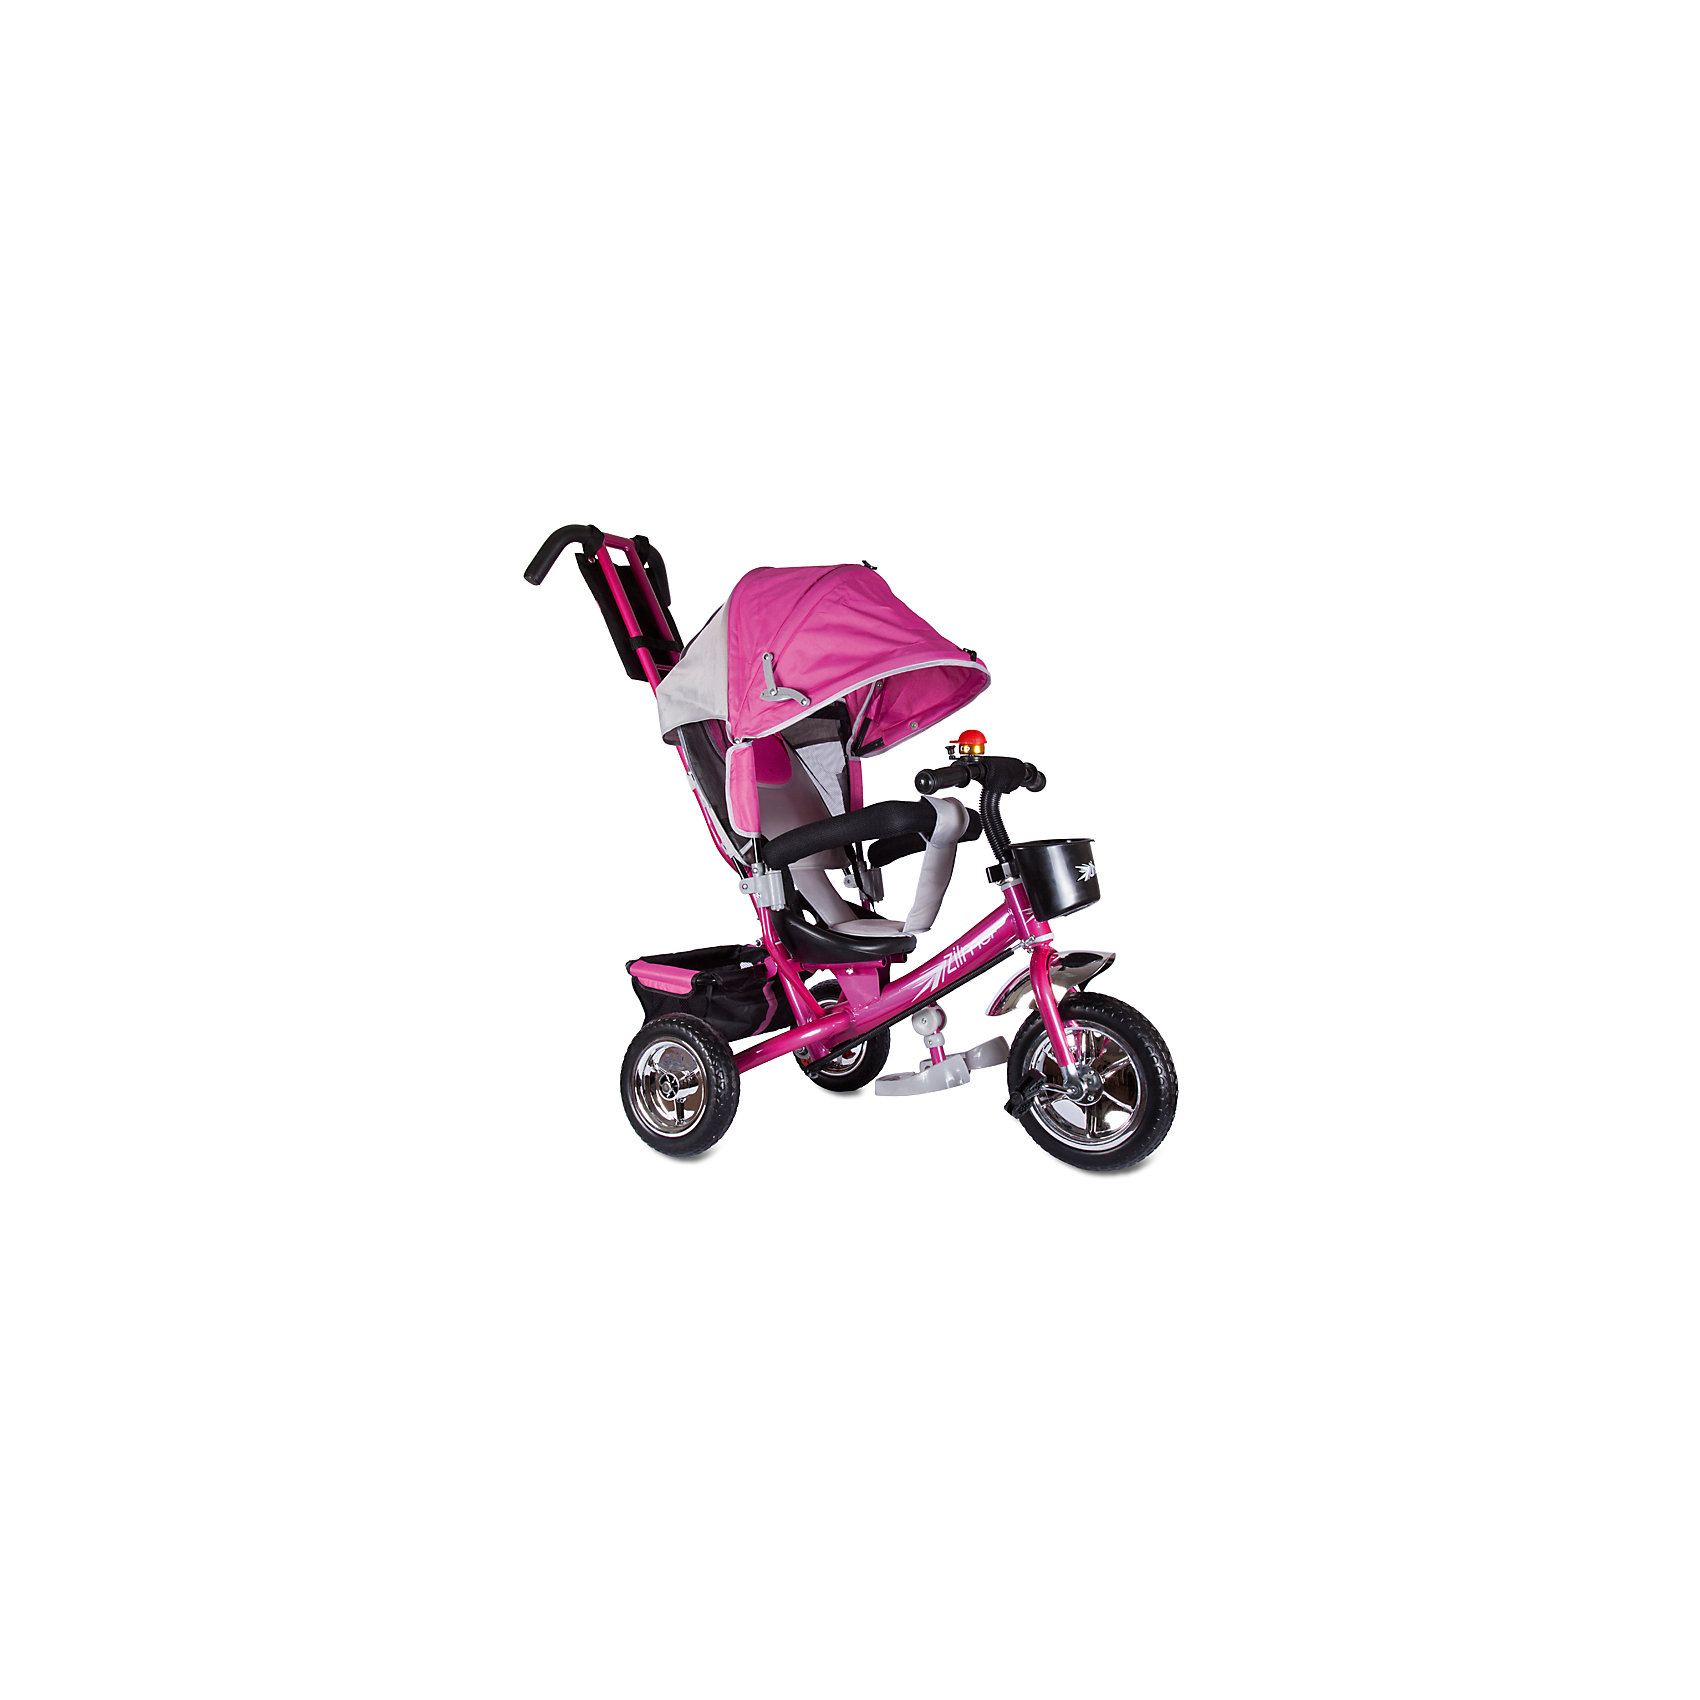 Трехколесный велосипед Бронз Люкс, розовый, ZilmerВелосипеды детские<br>Характеристики товара:<br><br>• материал: металл, полимер, текстиль<br>• цвет: розовый<br>• диаметр колес: переднее - 254 мм, задние - 203.3 мм<br>• блокировка колес<br>• удобный руль <br>• безопасные поручни<br>• управление ручкой для родителей<br>• подставка под ноги<br>• корзинка<br>• материал колес: EVA<br>• надежные материалы<br>• ручной тормоз<br>• козырек<br>• продуманная конструкция<br>• яркий цвет<br>• возраст: от 12 мес<br>• размер: 75x46x25 см<br>• вес: 9 кг<br>• страна производства: Китай<br><br>Подарить родителям и малышу такой велосипед - значит, помочь развитию ребенка. Он способствует скорейшему развитию способности ориентироваться в пространстве, развивает физические способности, мышление и ловкость. Помимо этого, кататься на нём - очень увлекательное занятие!<br><br>Этот велосипед разработан специально для малышей. Он чем-то похож на коляску: есть родительская ручка и специальные подставки под ножки. С помощью ручки родители легко координируют направление движения. Данная модель выполнена в ярком дизайне, отличается продуманной конструкцией и деталями, которые обеспечивают безопасность ребенка. Отличный подарок для активного малыша!<br><br>Трехколесный велосипед Бронз Люкс, розовый, от бренда Zilmer можно купить в нашем интернет-магазине.<br><br>Ширина мм: 580<br>Глубина мм: 280<br>Высота мм: 420<br>Вес г: 10000<br>Возраст от месяцев: 12<br>Возраст до месяцев: 36<br>Пол: Женский<br>Возраст: Детский<br>SKU: 5478509